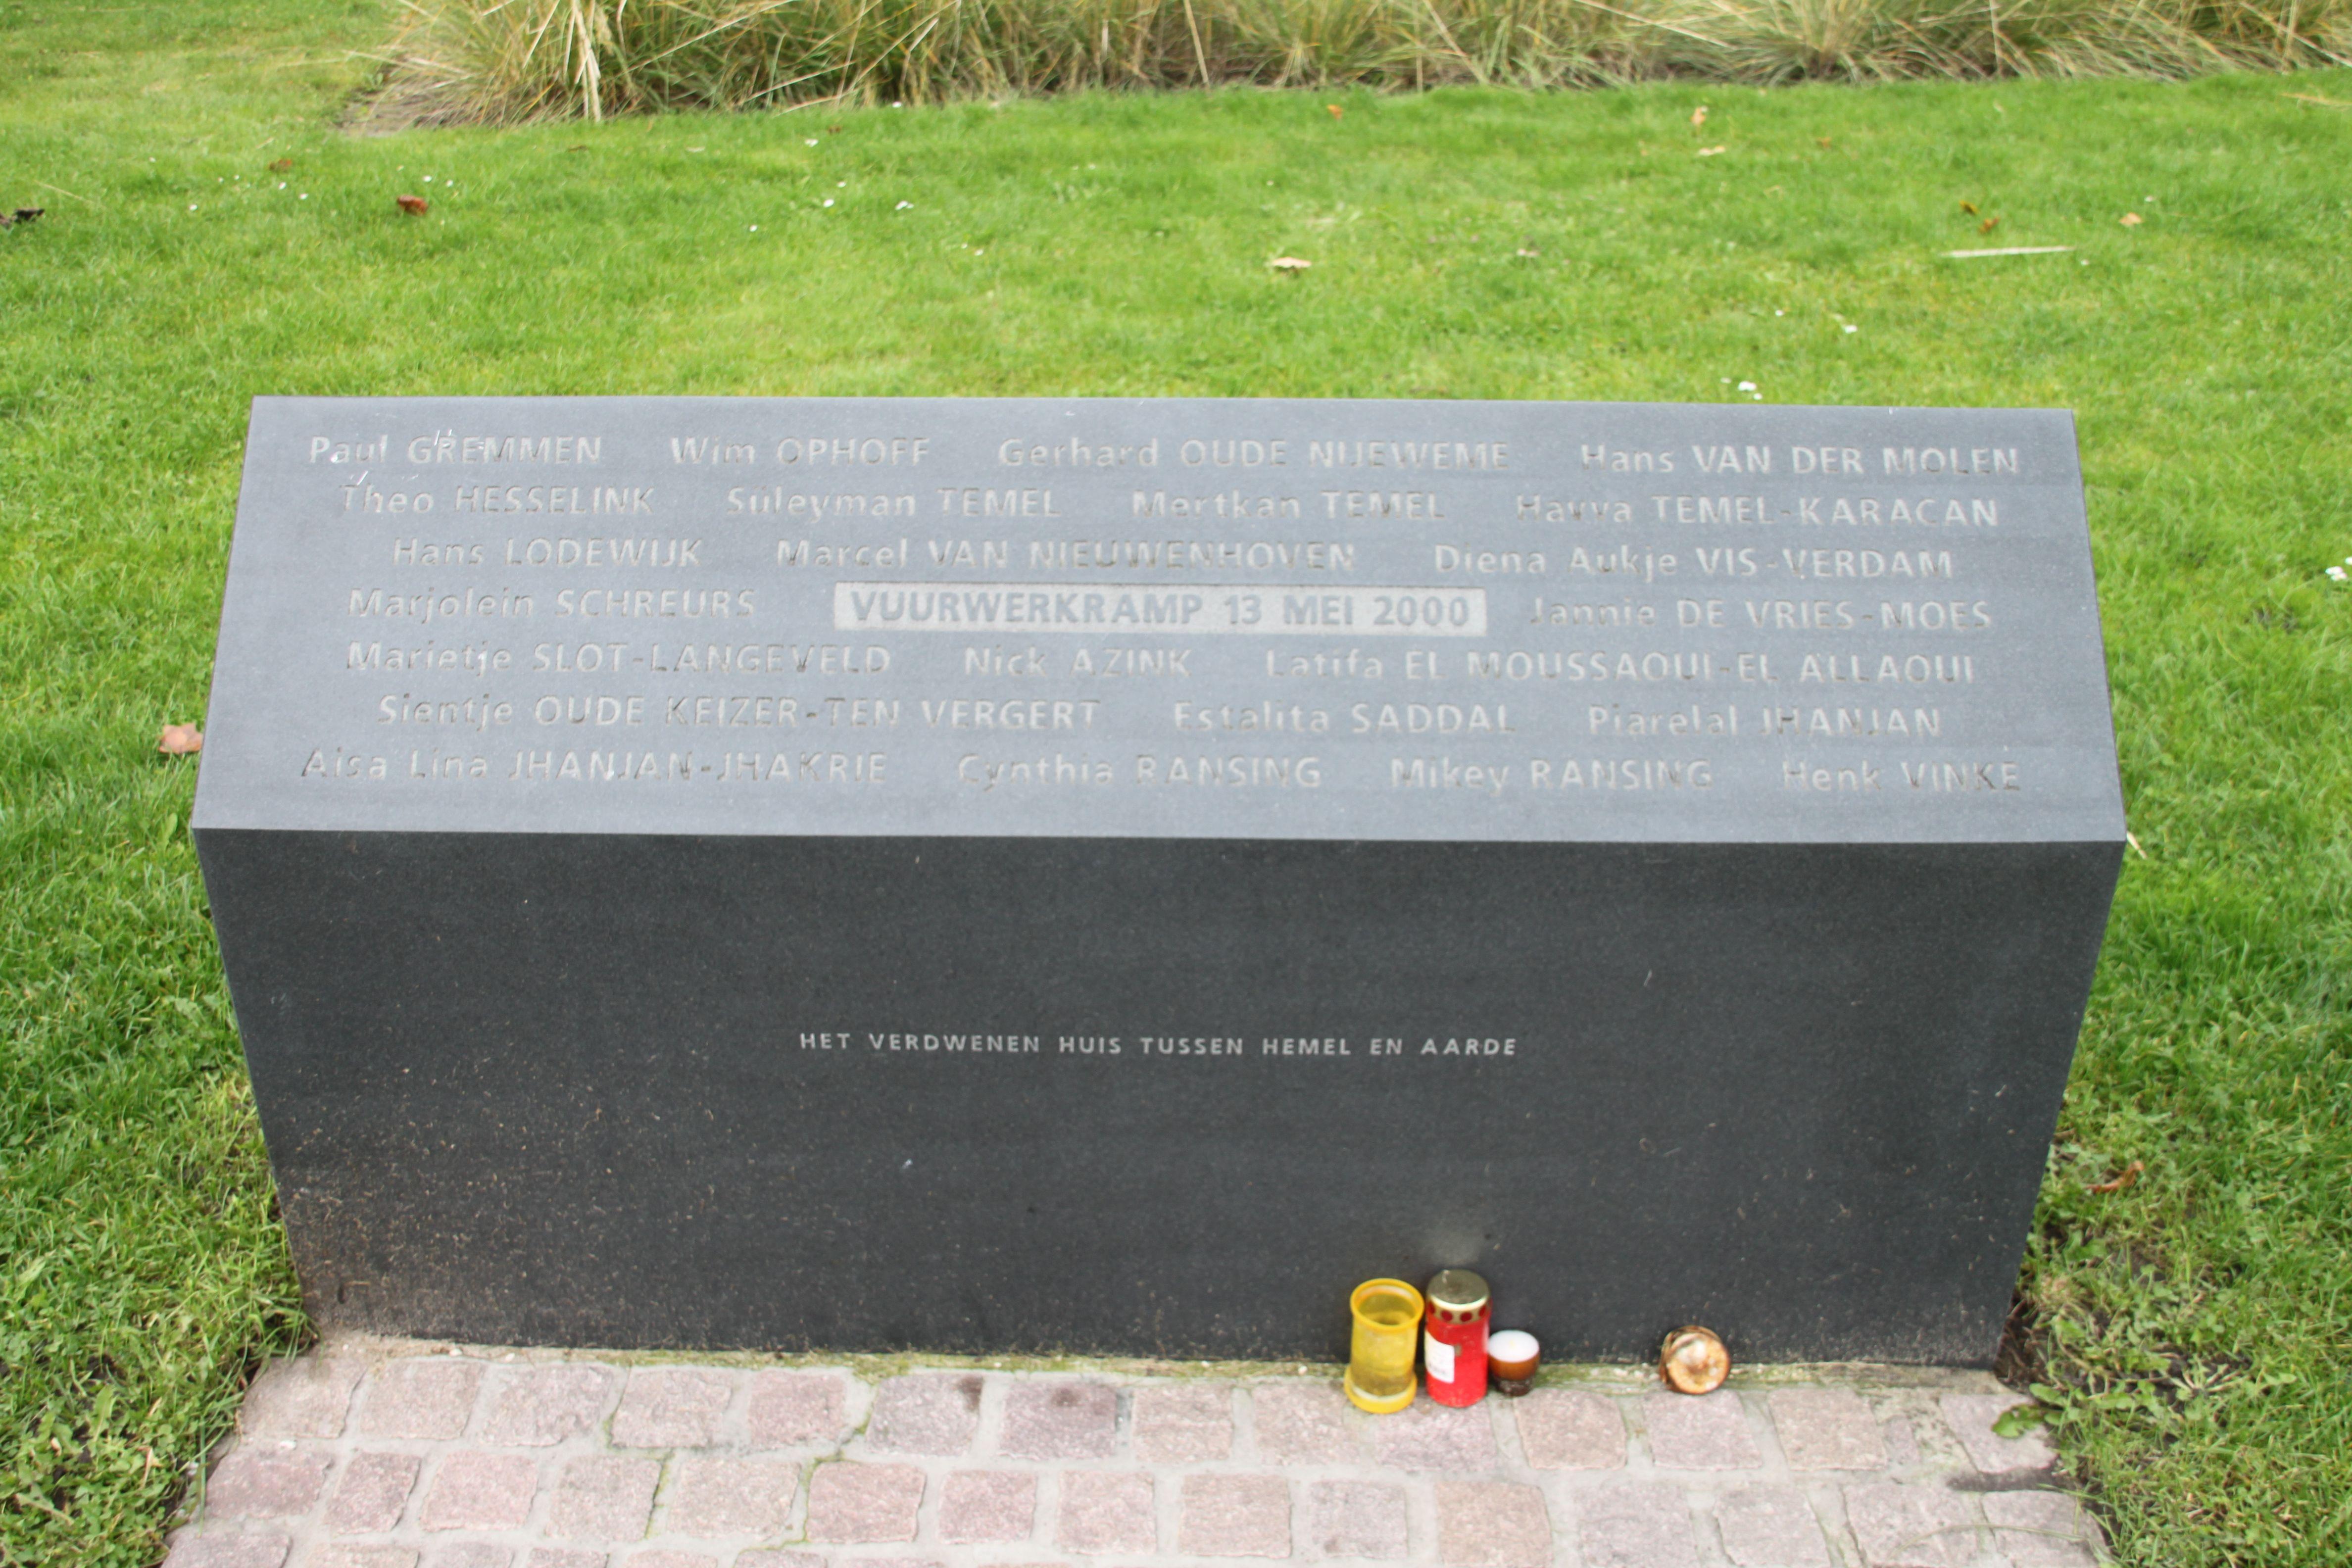 """Enschede - Roombeek. Op 13/5/2000 explodeerde de vuurwerkfabriek S.E. Fireworks in Enschede. Er vielen 23 dodelijke slachtoffers en 950 gewonden. De hele wijk van 40 ha (500 woningen) werd vernield. Het monument """"Het verdwenen huis tussen hemel en aarde"""" (gemaakt door Balka) ligt nog op de plaats van de explosie,  een stuk fundering van de oude vuurwerkopslagplaats, en een steen met de namen van de doden. Foto: G.J. Koppenaal,  21/10/2015."""